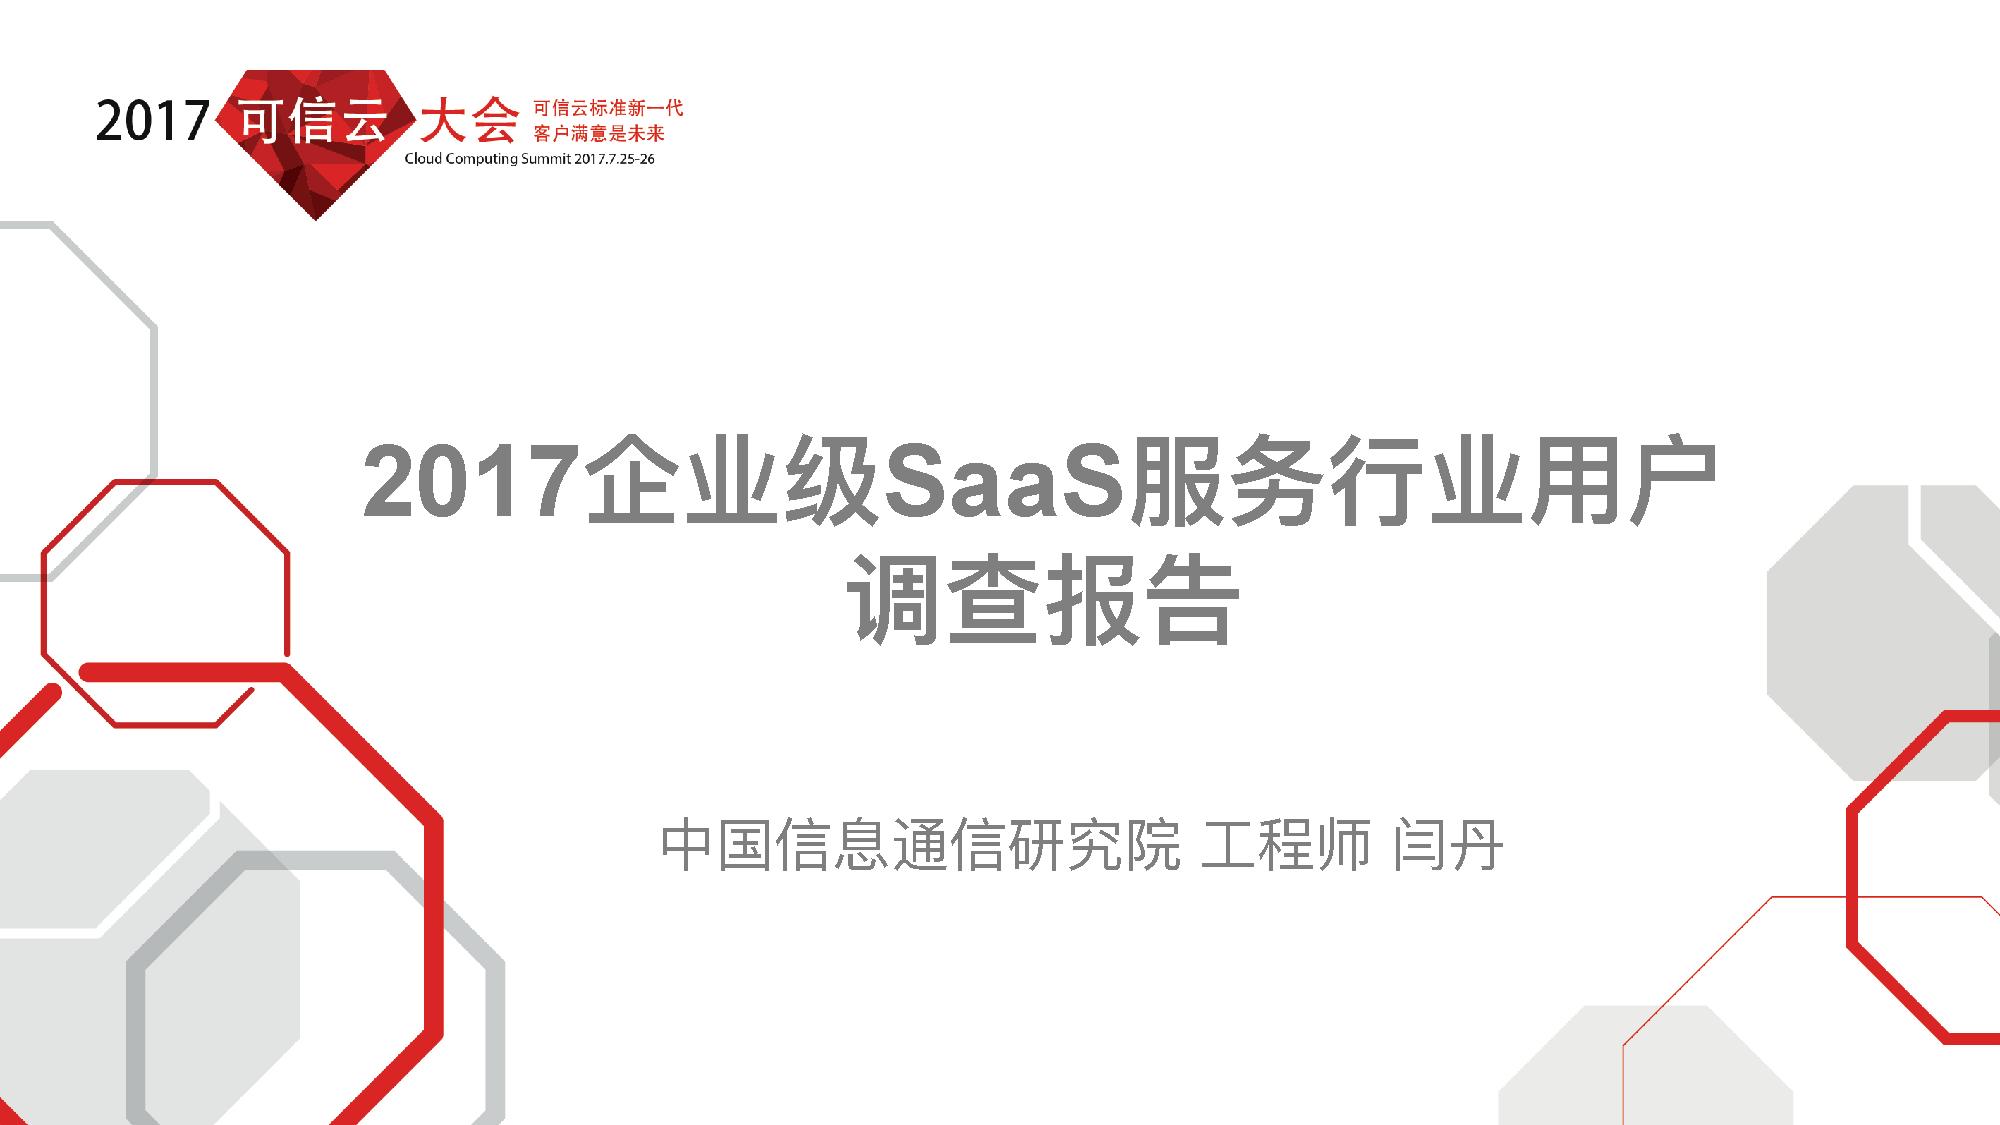 闫丹-2017企业级SaaS服务行行业?用户